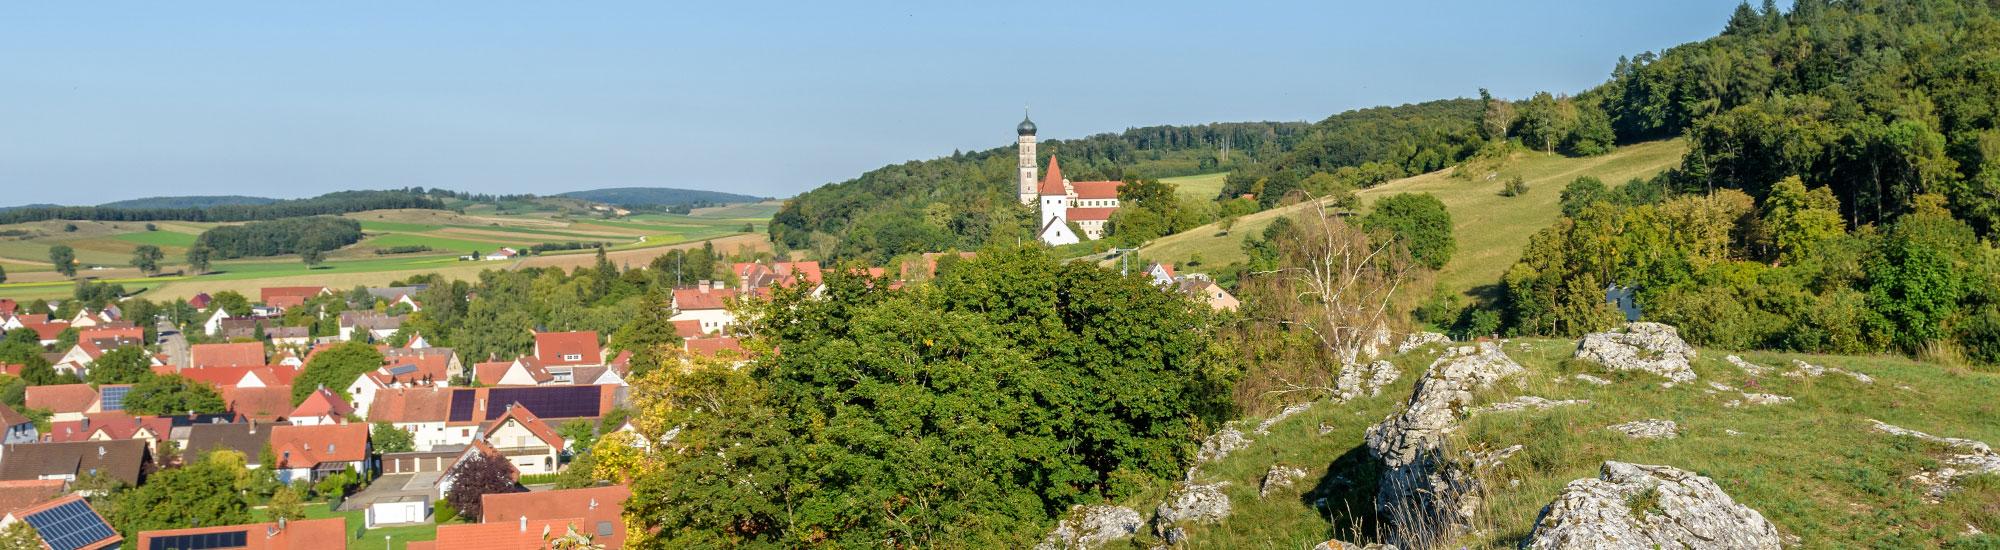 Kloster_Moenchsdeggingen_Kuehstein_1